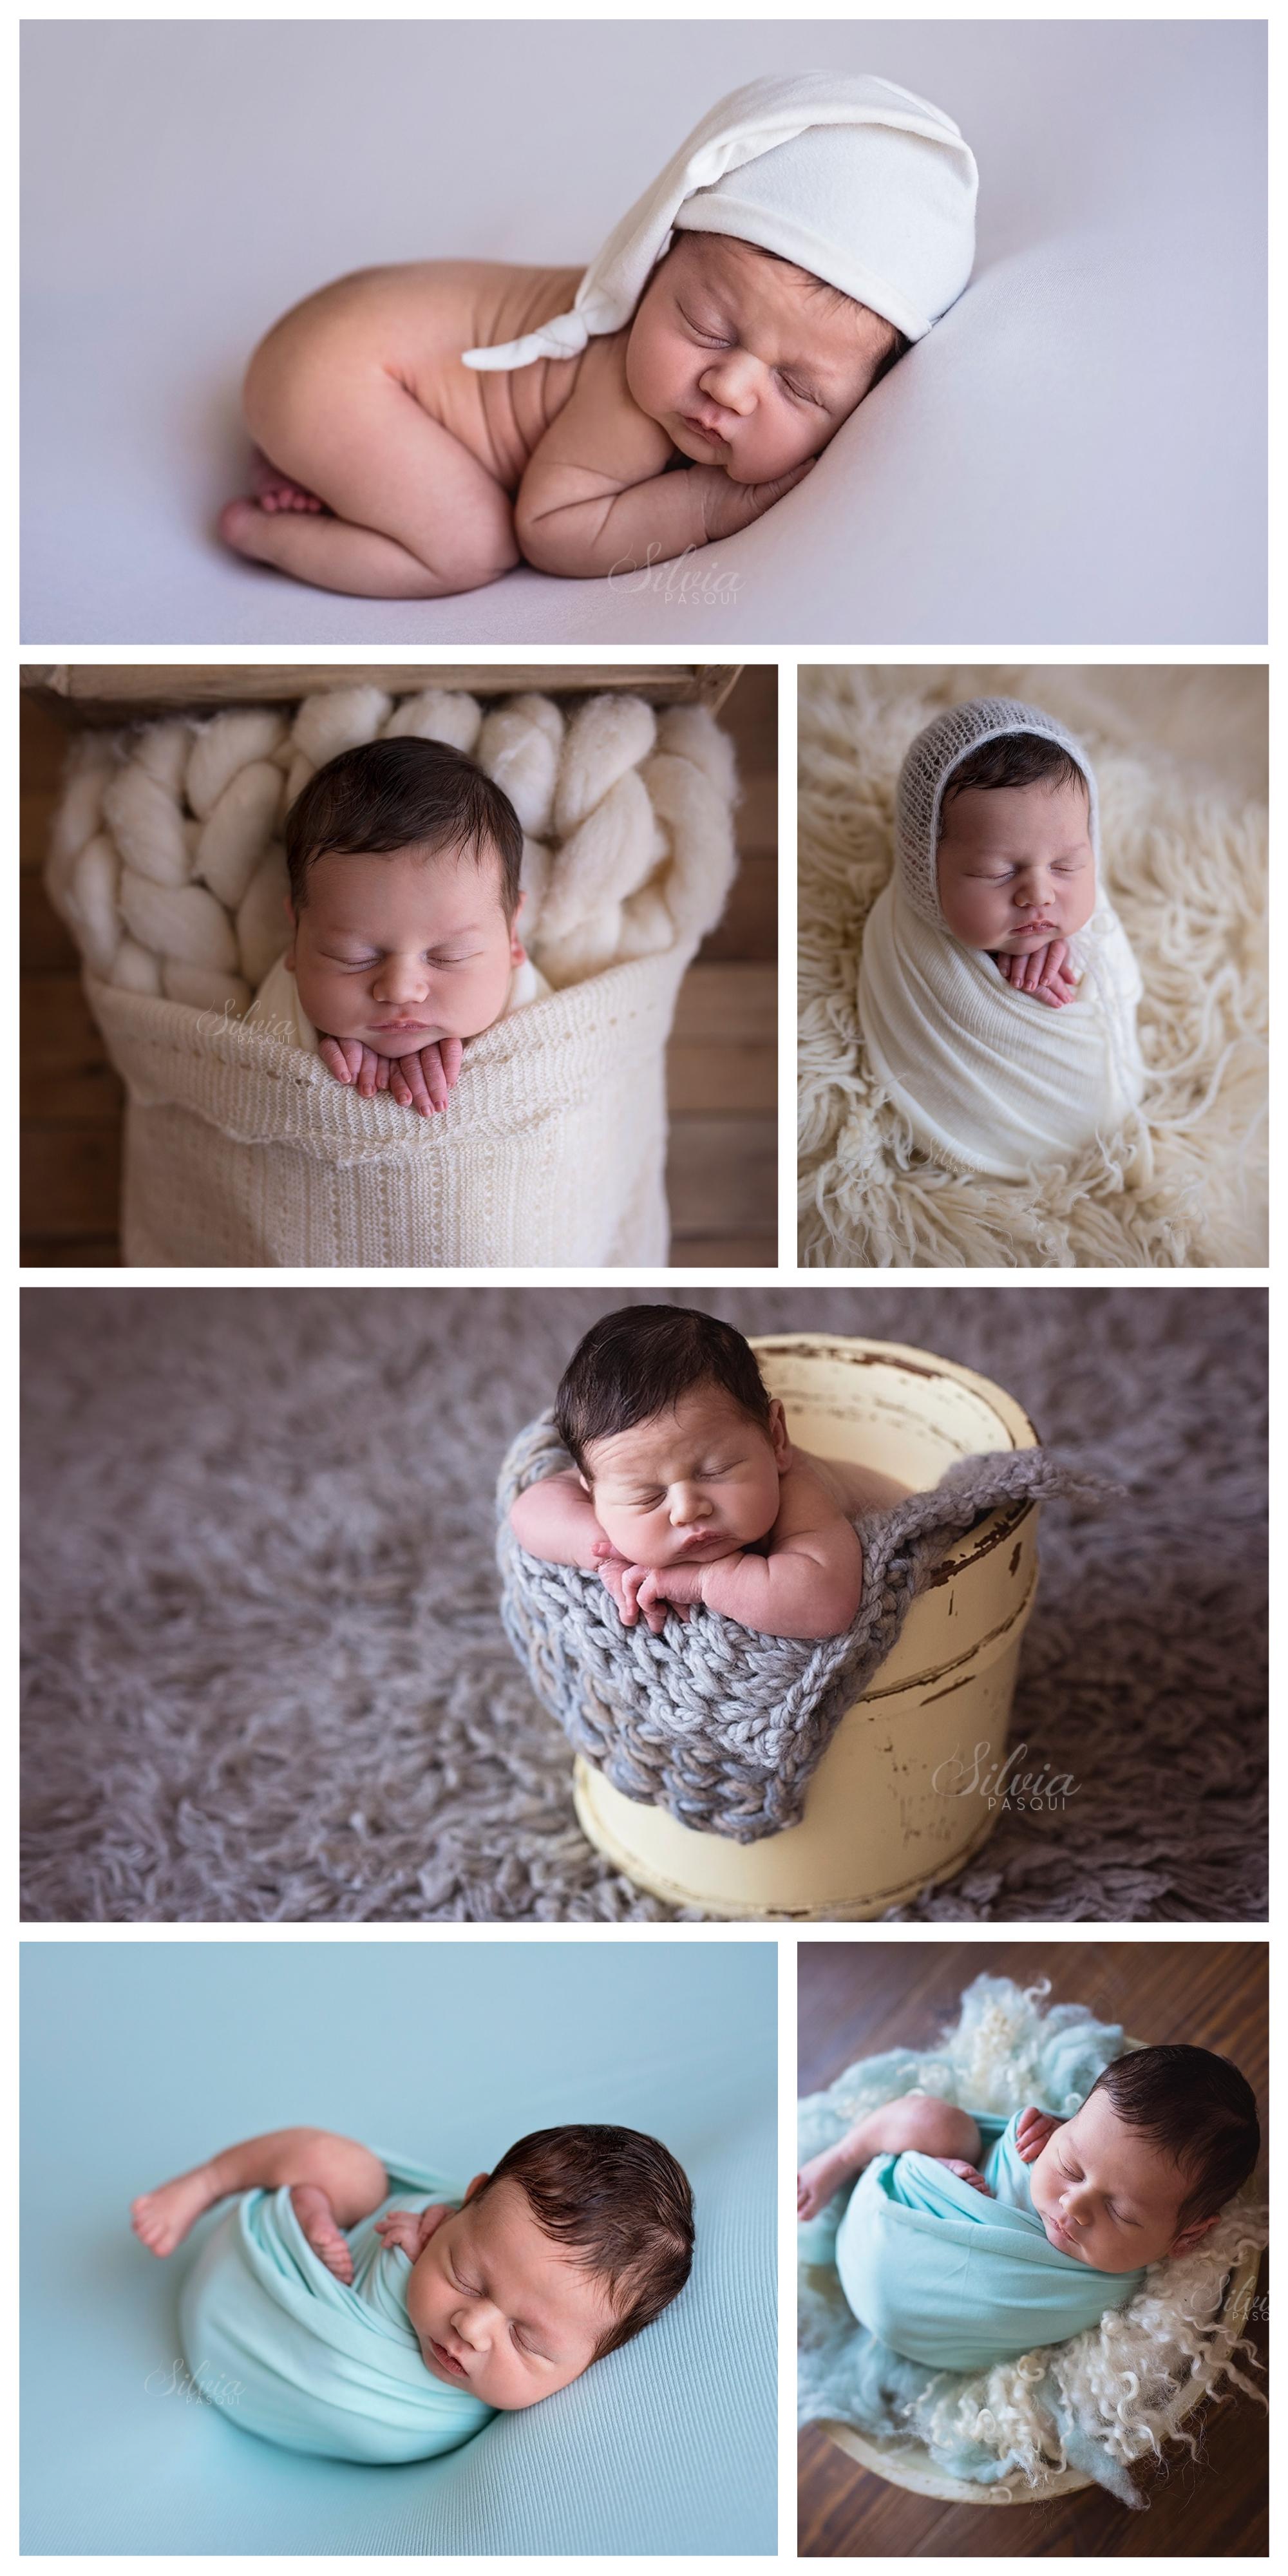 fotografie a neonati